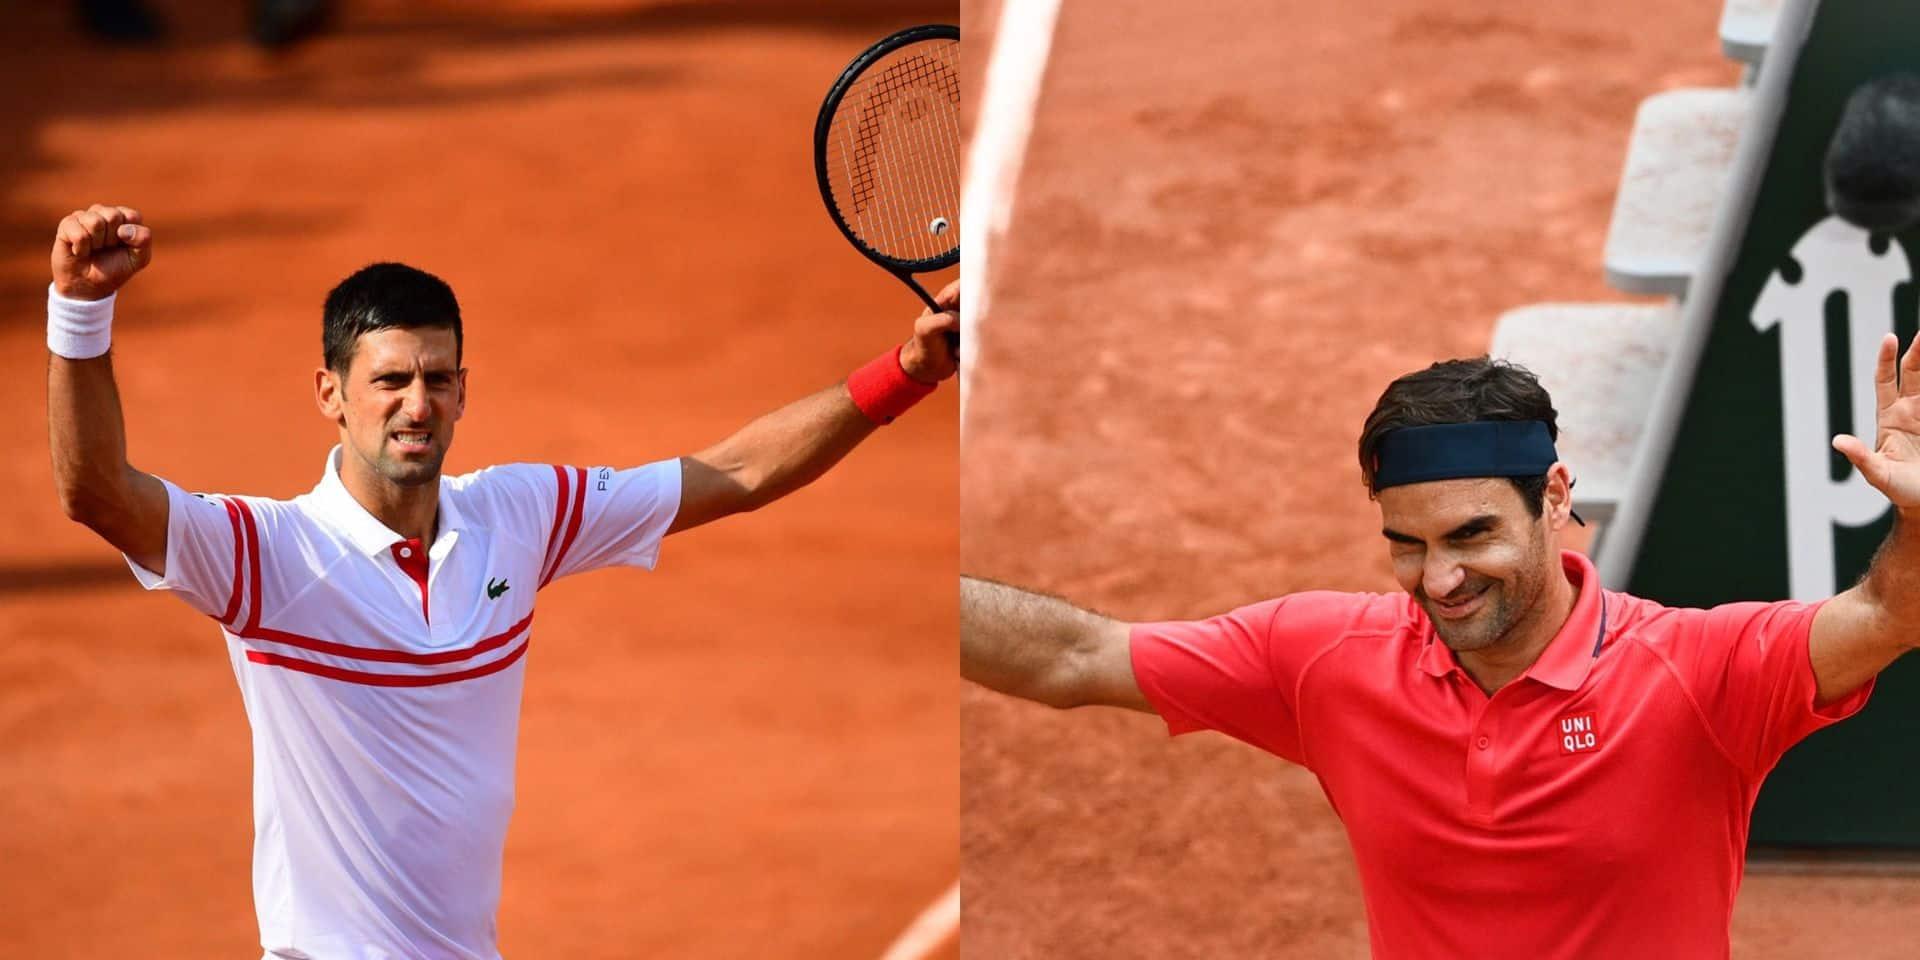 Roland-Garros : Federer et Djokovic se qualifient sans trembler pour le 3e tour